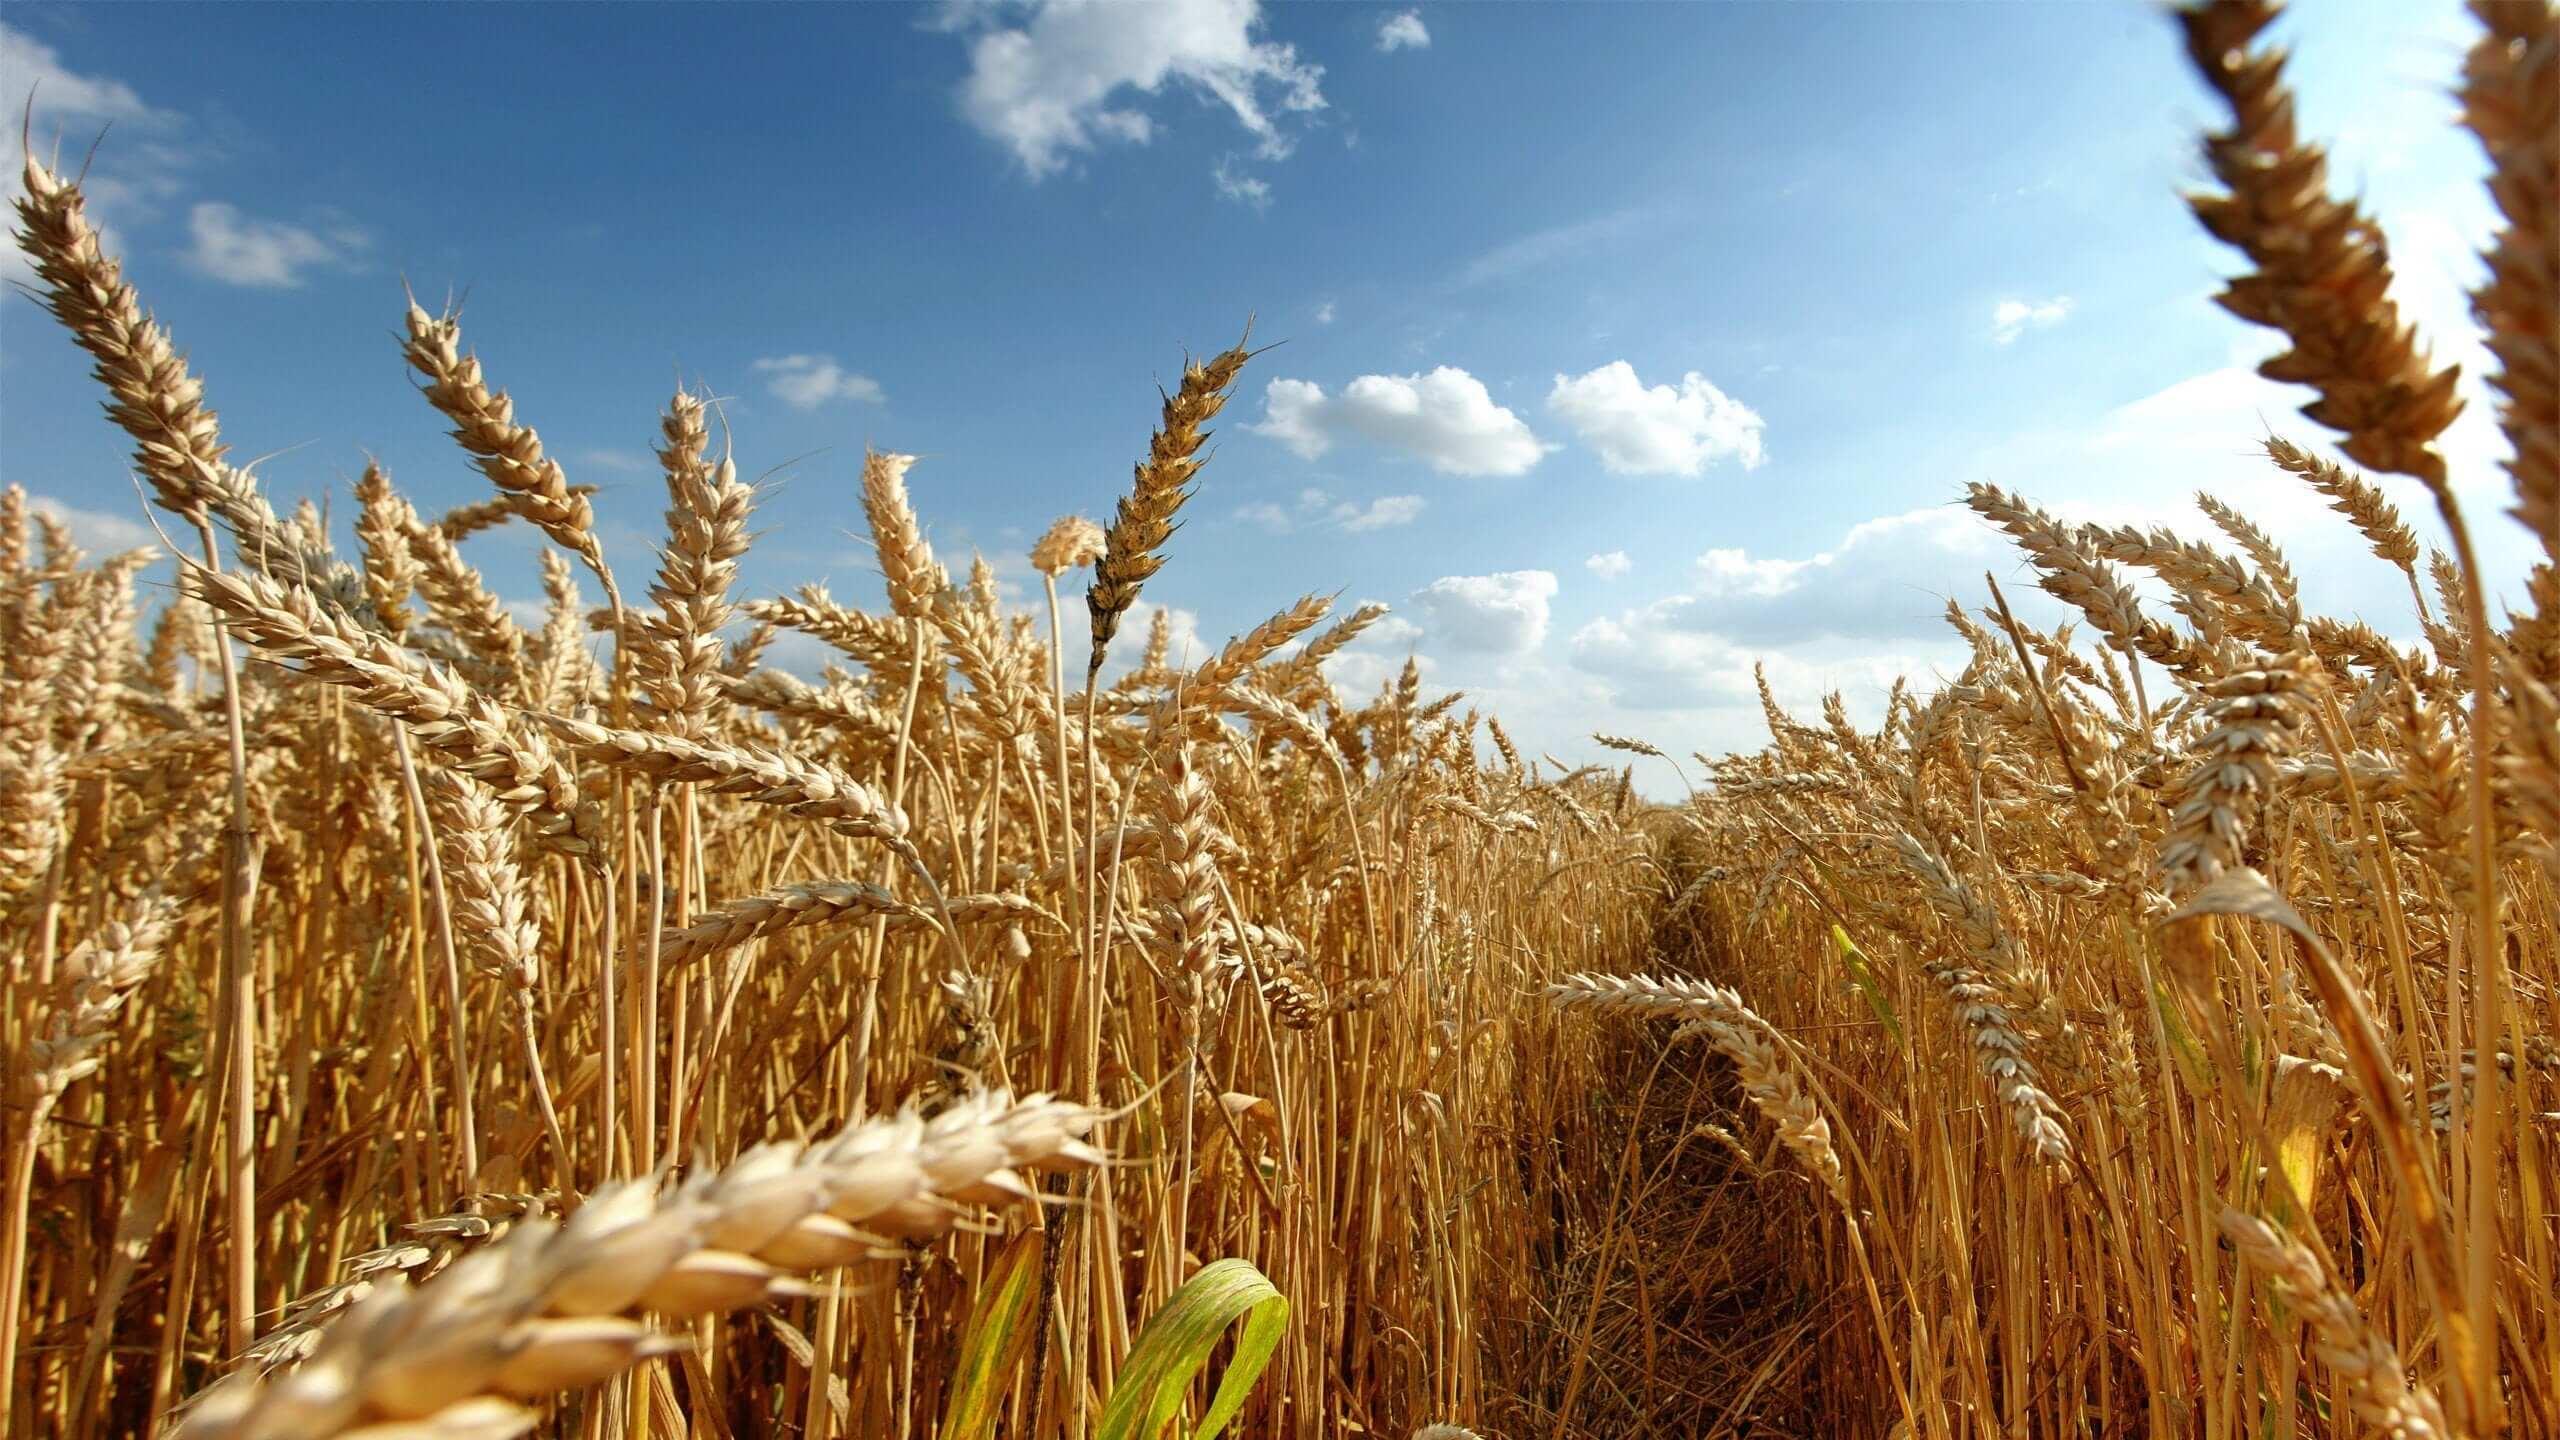 Konum itibariyle uygun iklim ve coğrafi koşullara sahip olan Türkiye; tarımda dünya üzerinde önde gelen ülkelerden biri olarak kabul edilmektedir.